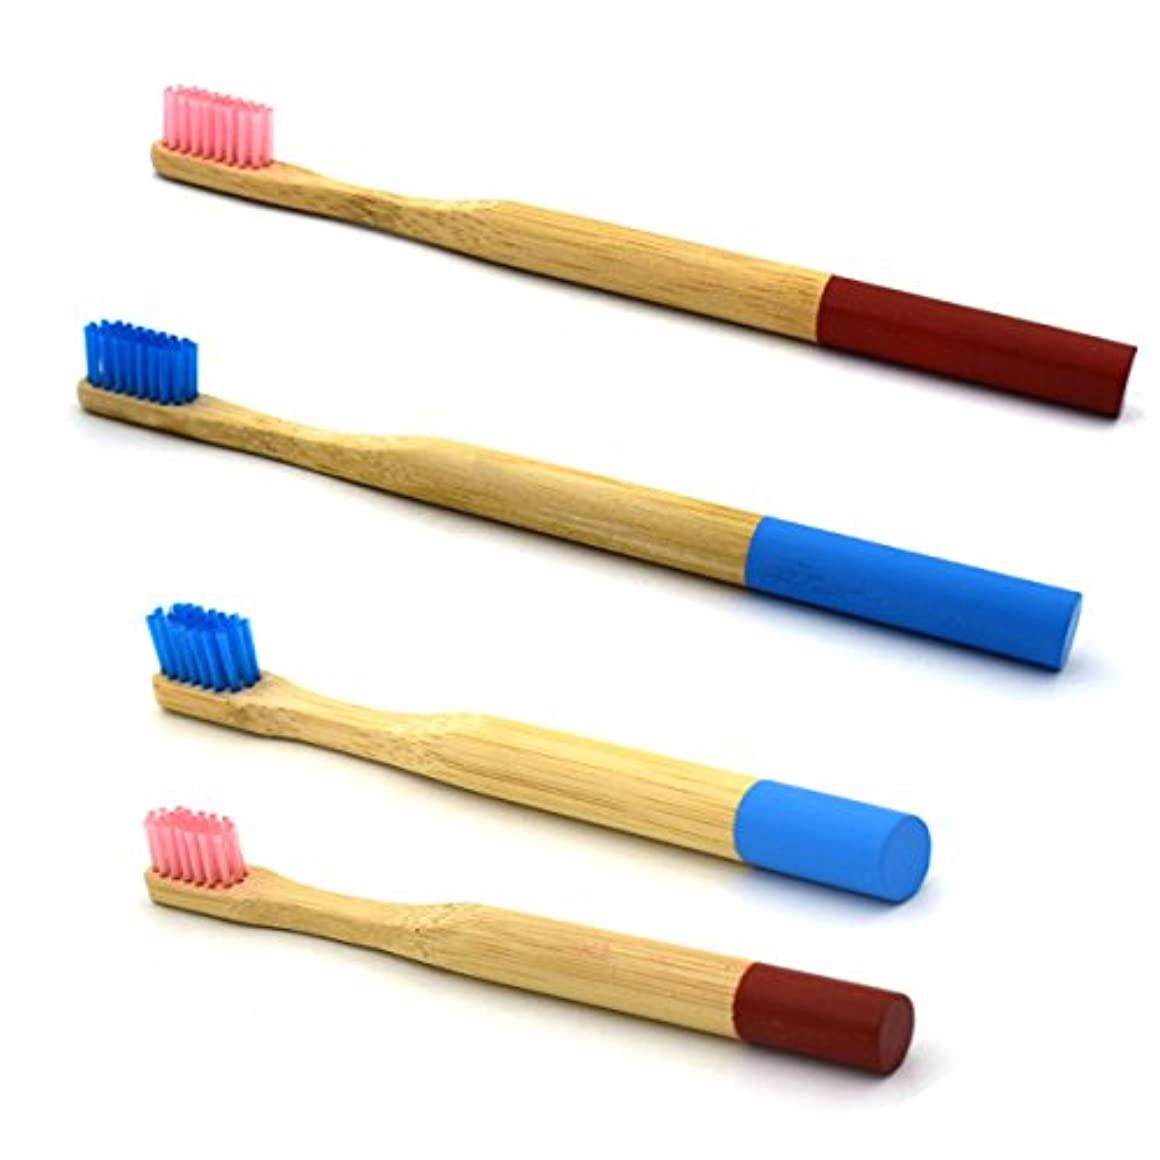 七面鳥ペニーキャメルROSENICE 2組 竹の歯ブラシ 自然な竹エコフレンドリーな柔らかい毛の旅行の歯ブラシ(青+ピンク)